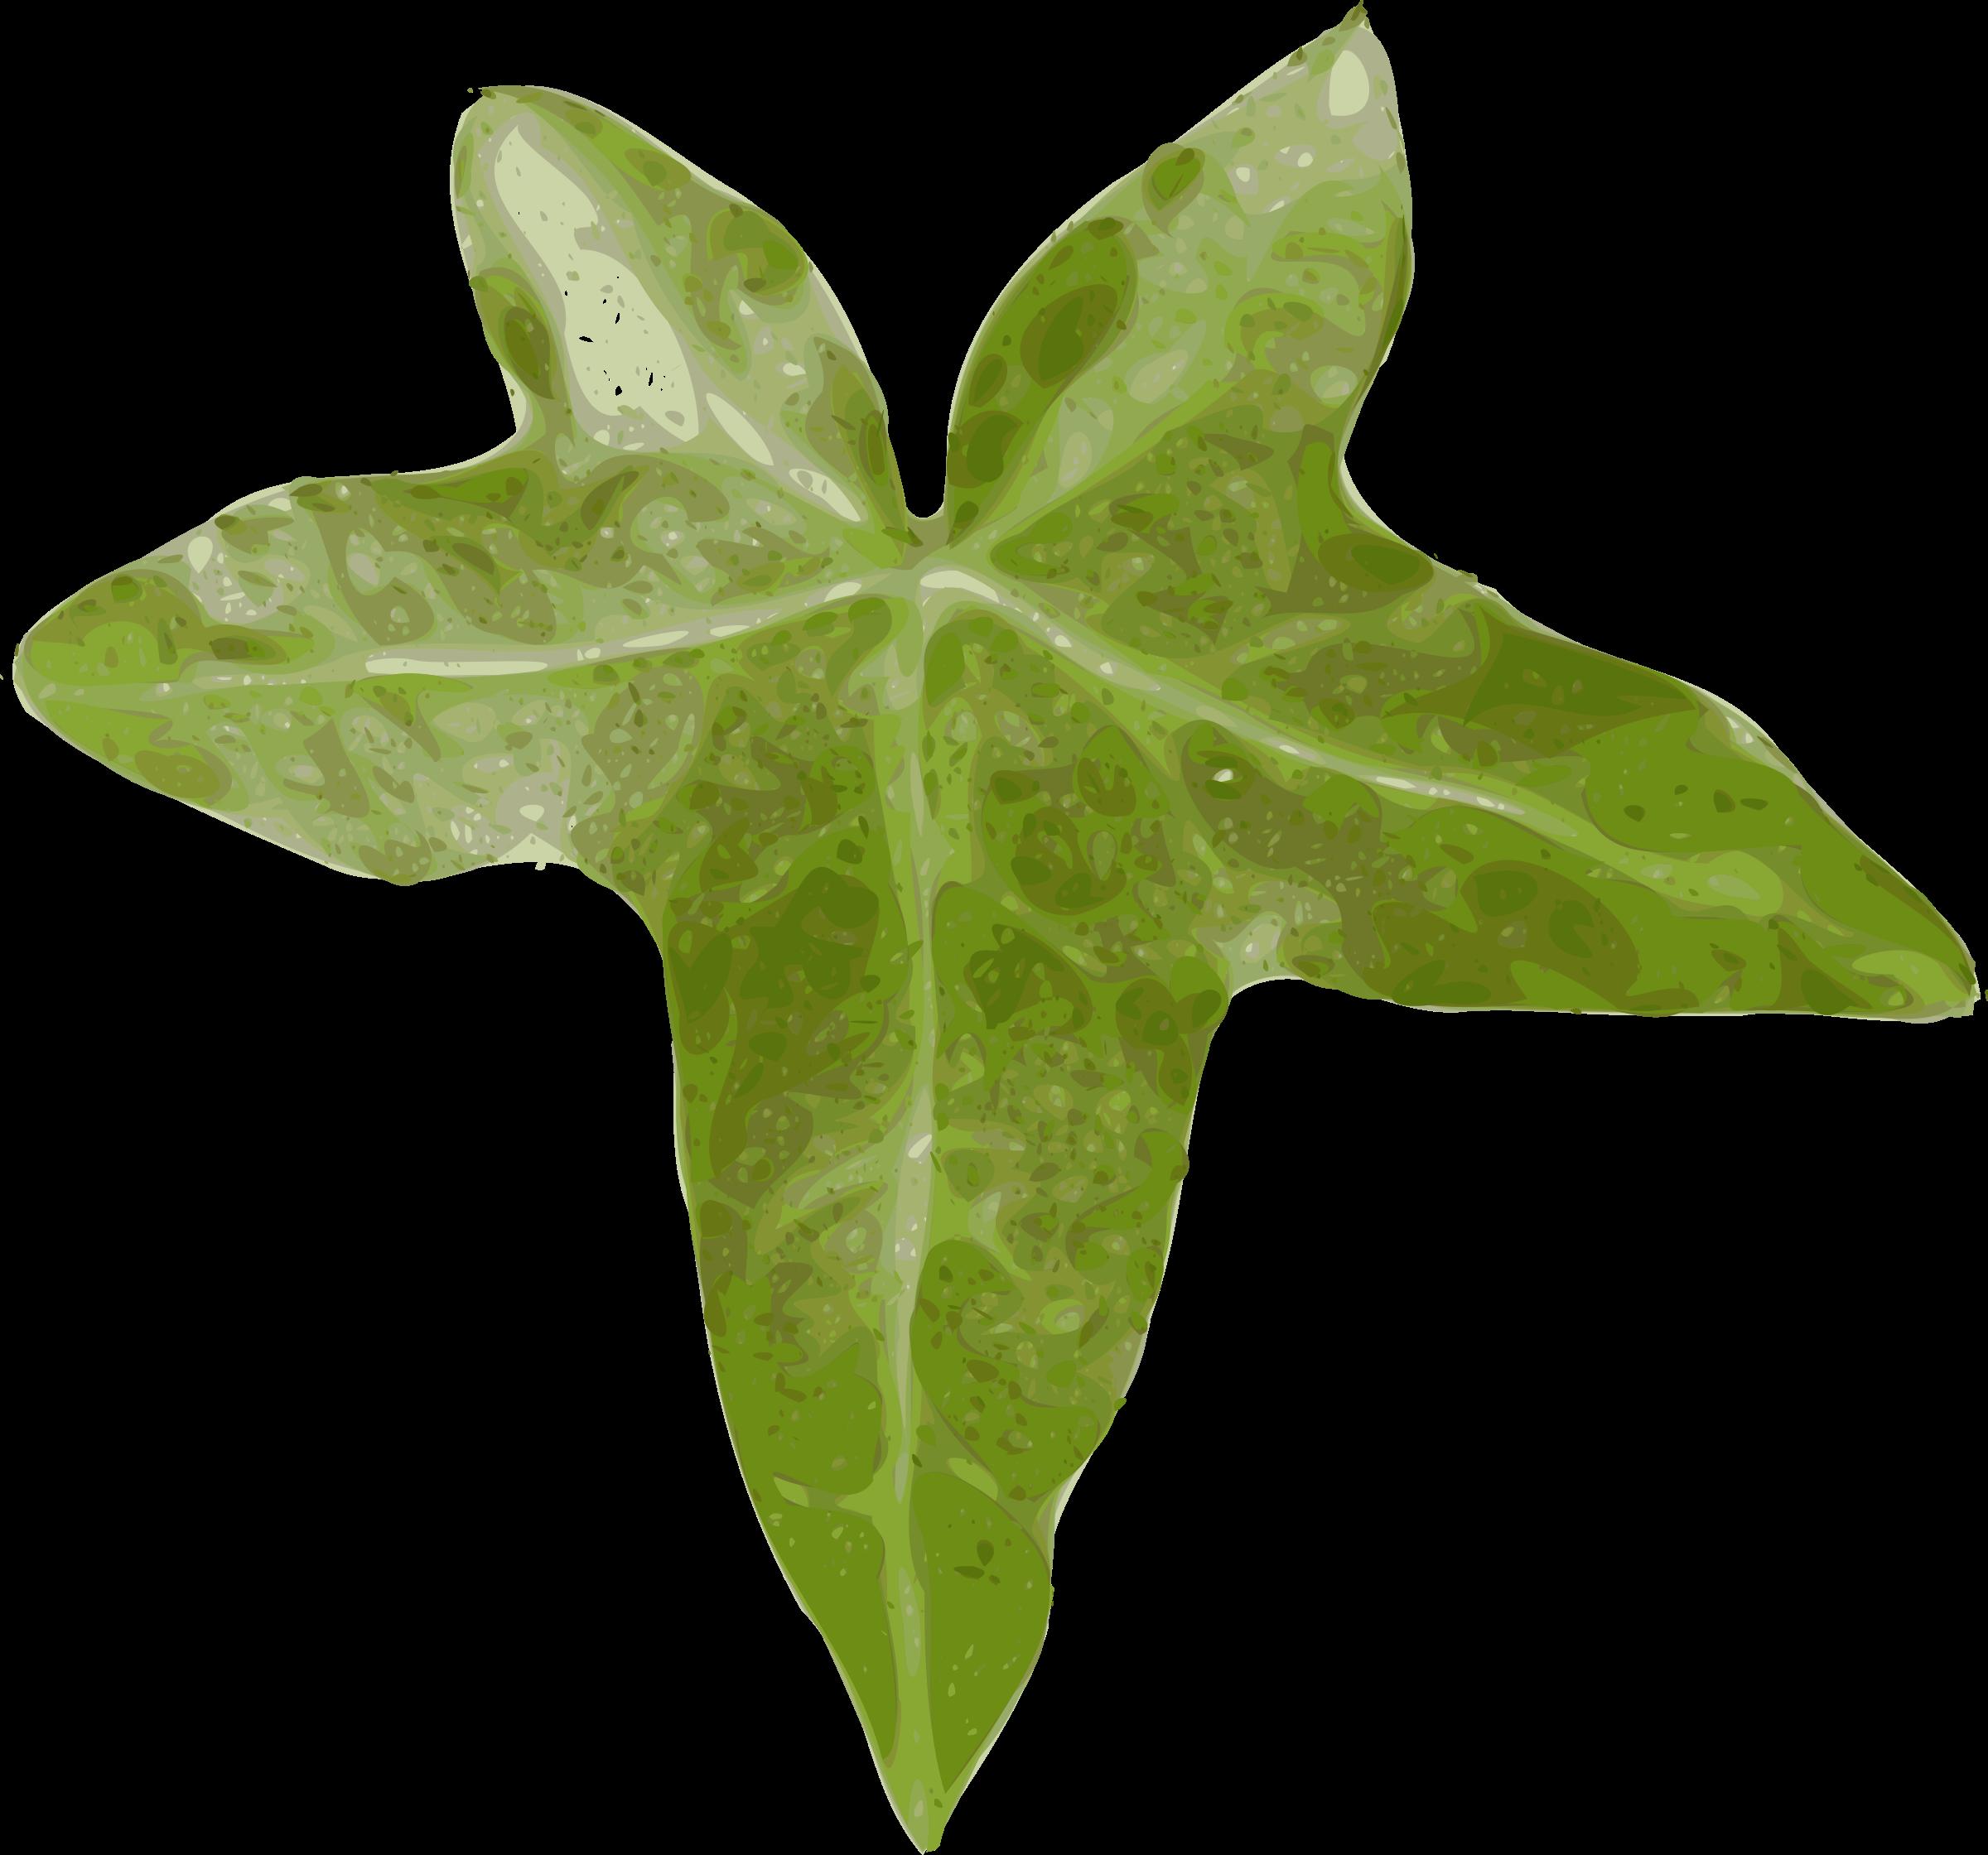 Ivy clipart big leaf Clipart (PNG) BIG IMAGE leaf